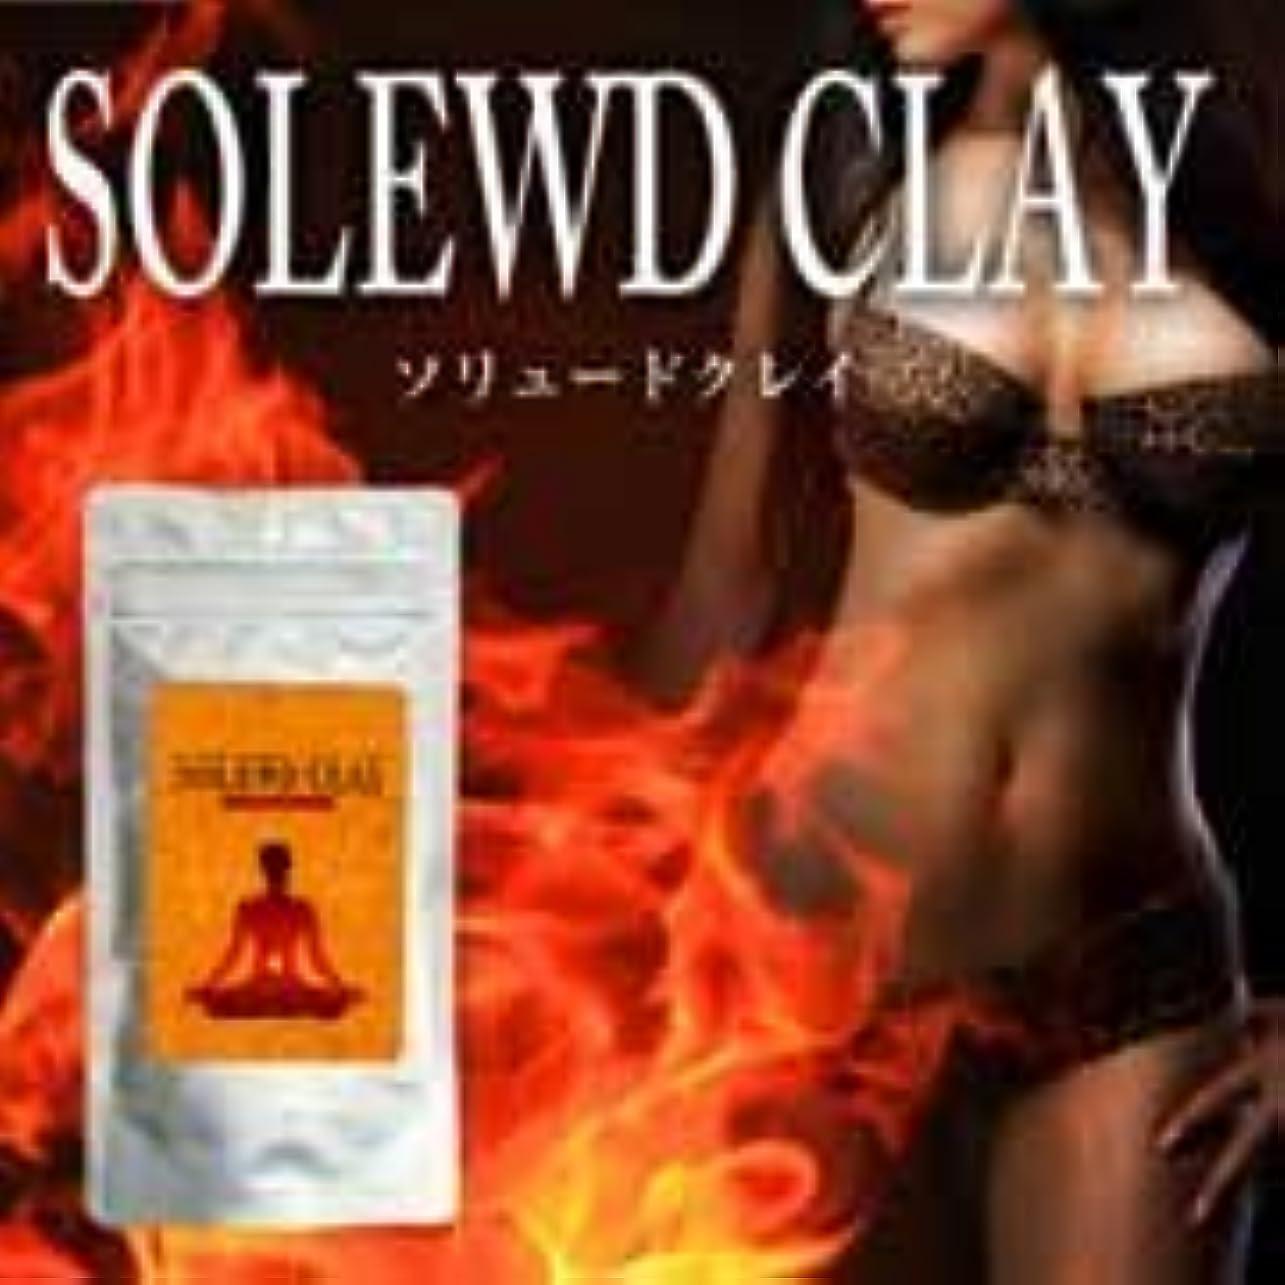 【SOLEWD CLAY ソリュードクレイ】